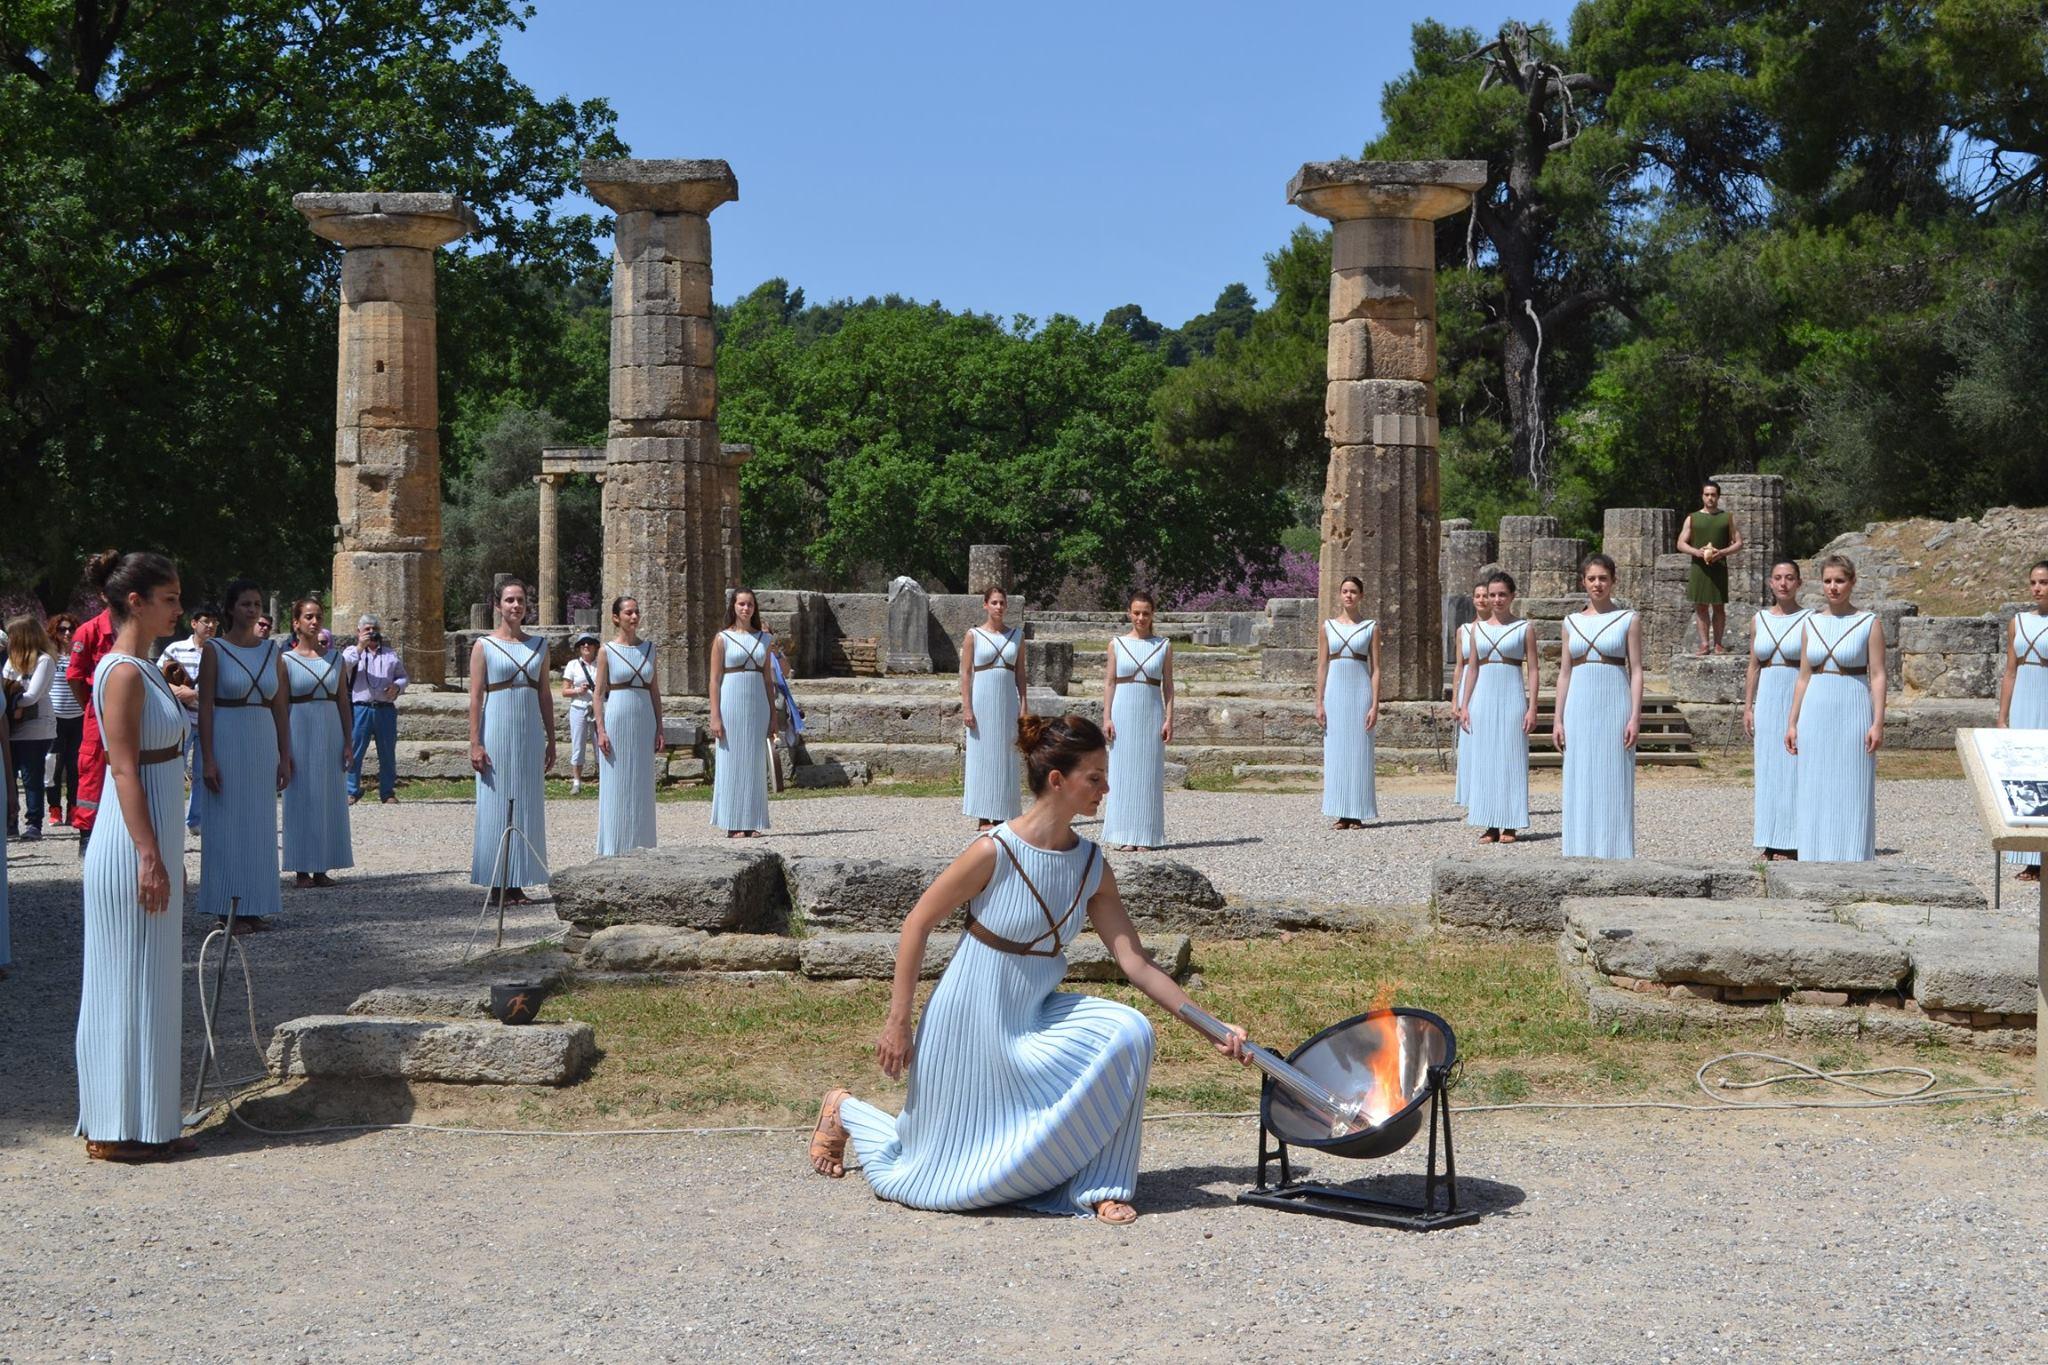 Εκπαιδευτική εκδρομή στην Αρχαία Ολυμπία